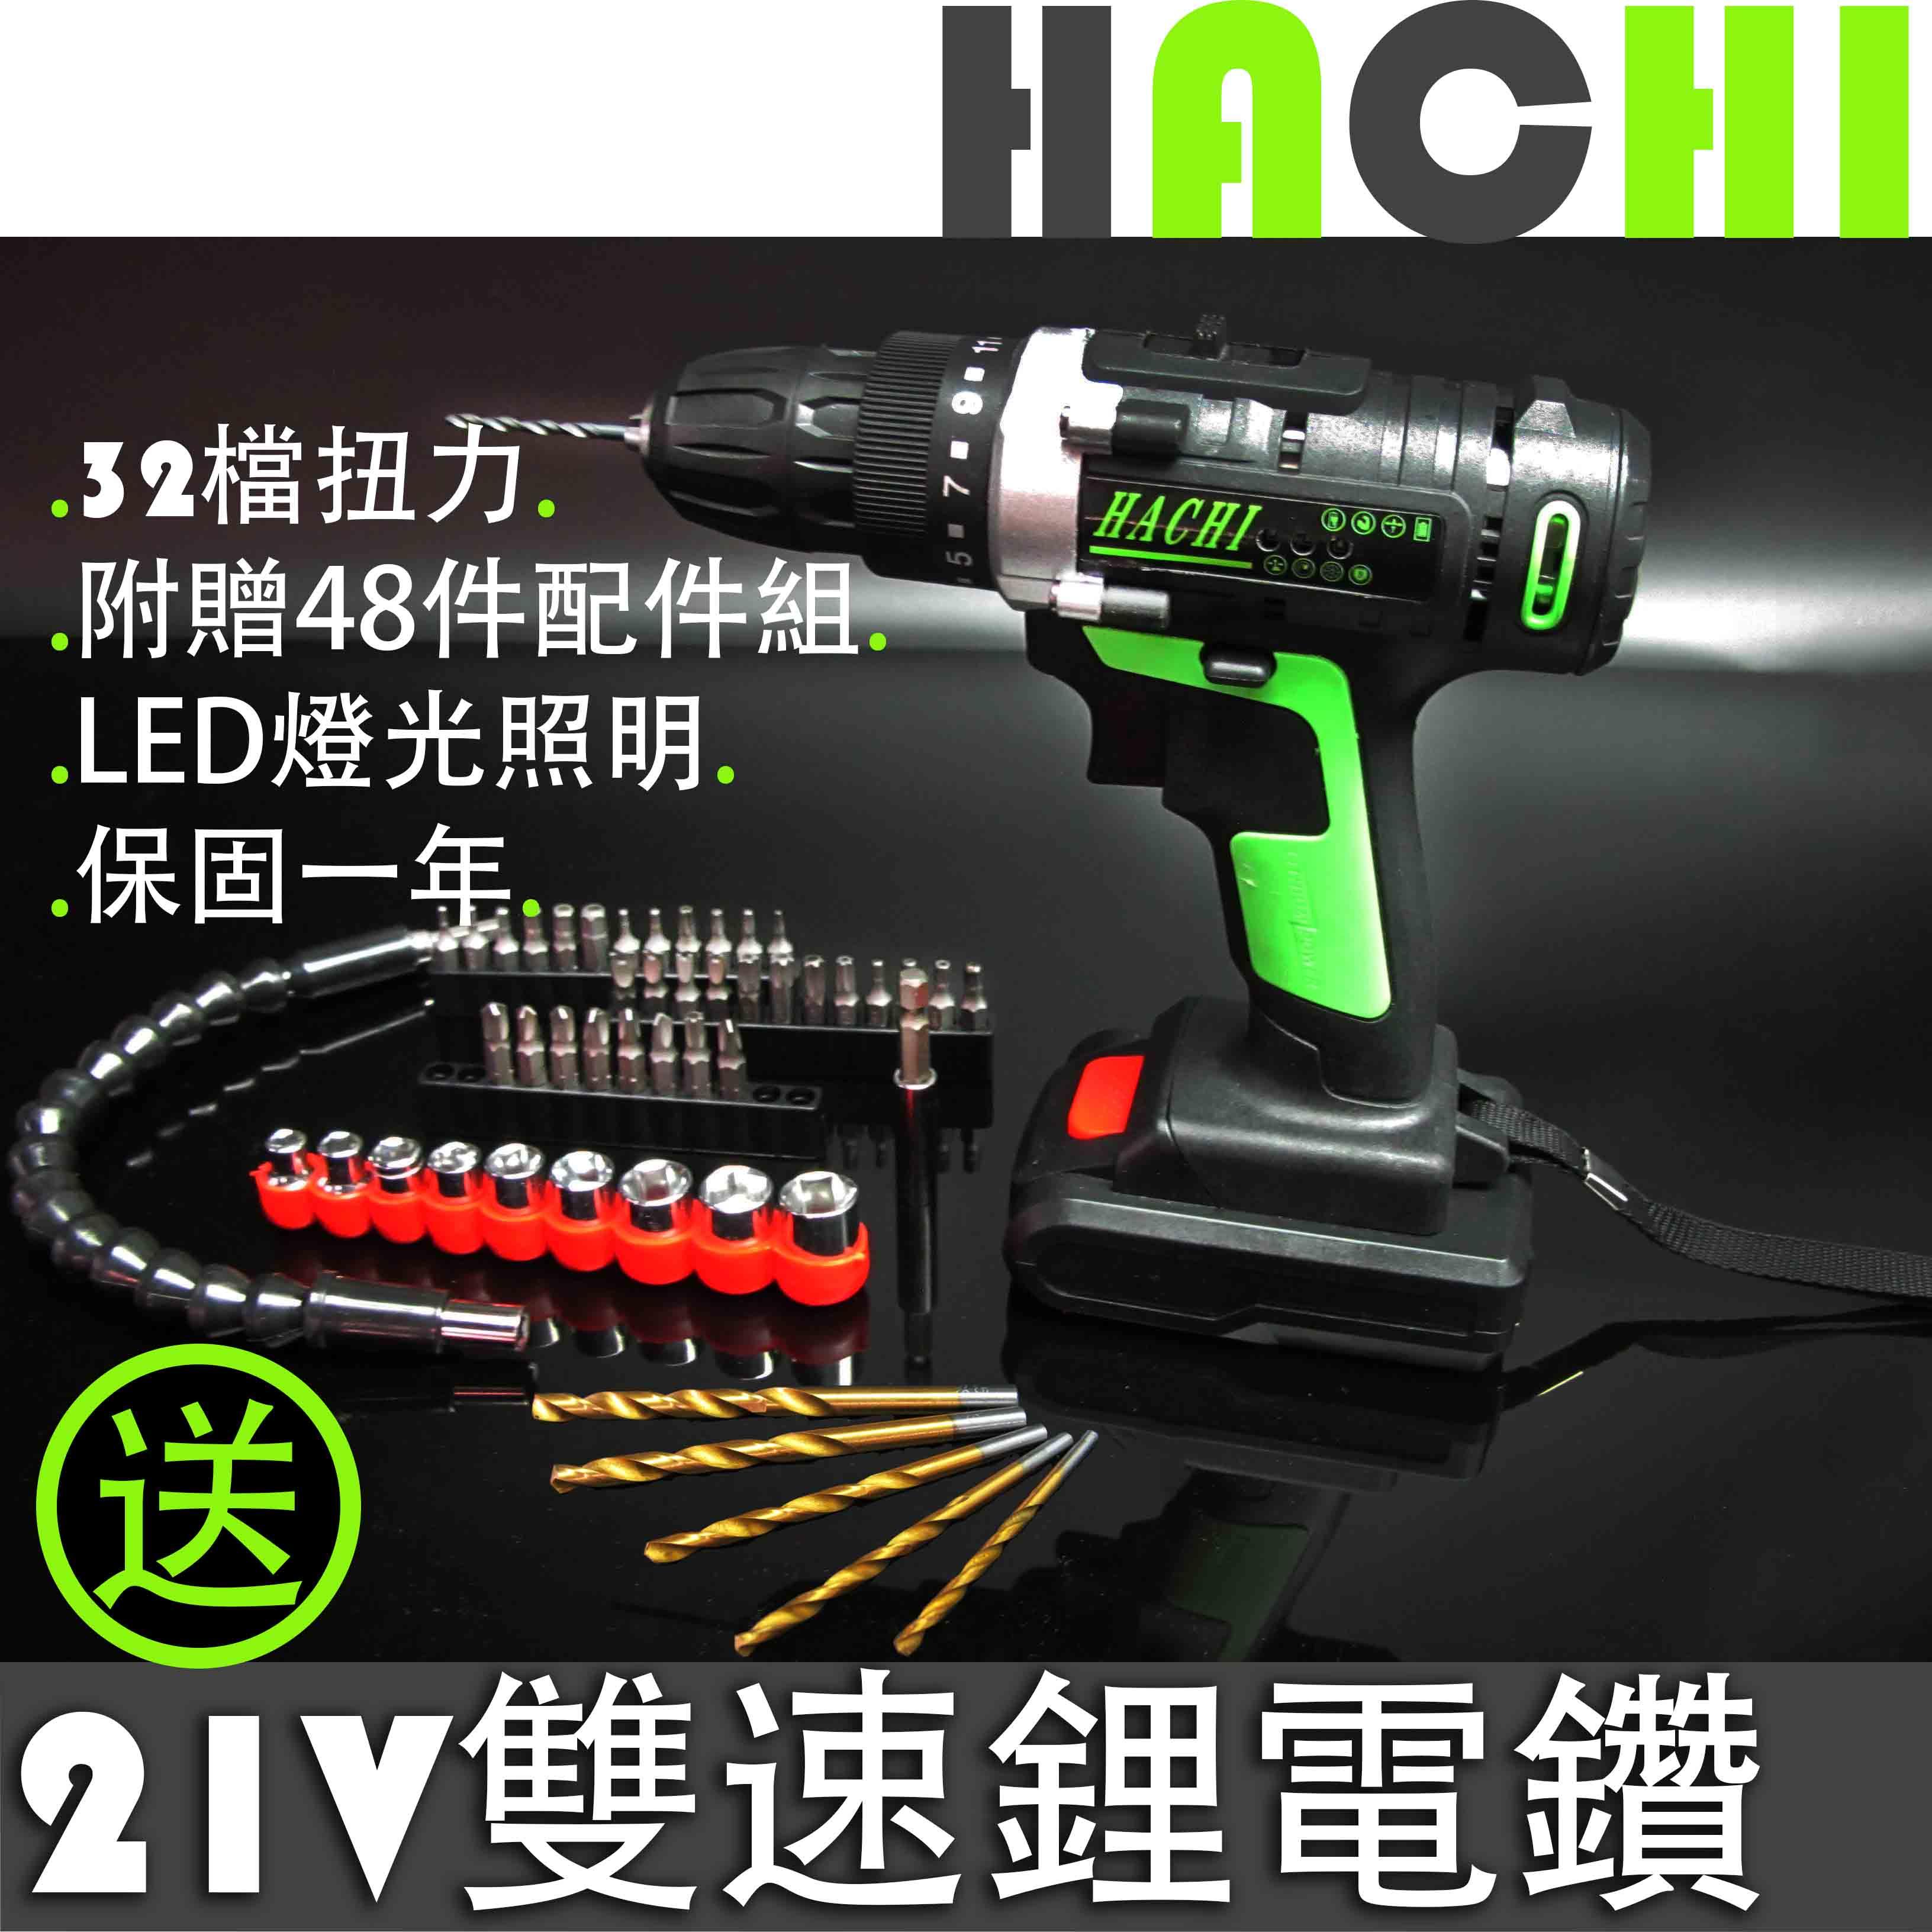 !!大 !! 馬上買馬上送!! 買哈吉HACHI 21V雙速鋰電鑽馬上加贈一顆電池 手提工具箱 48PCS